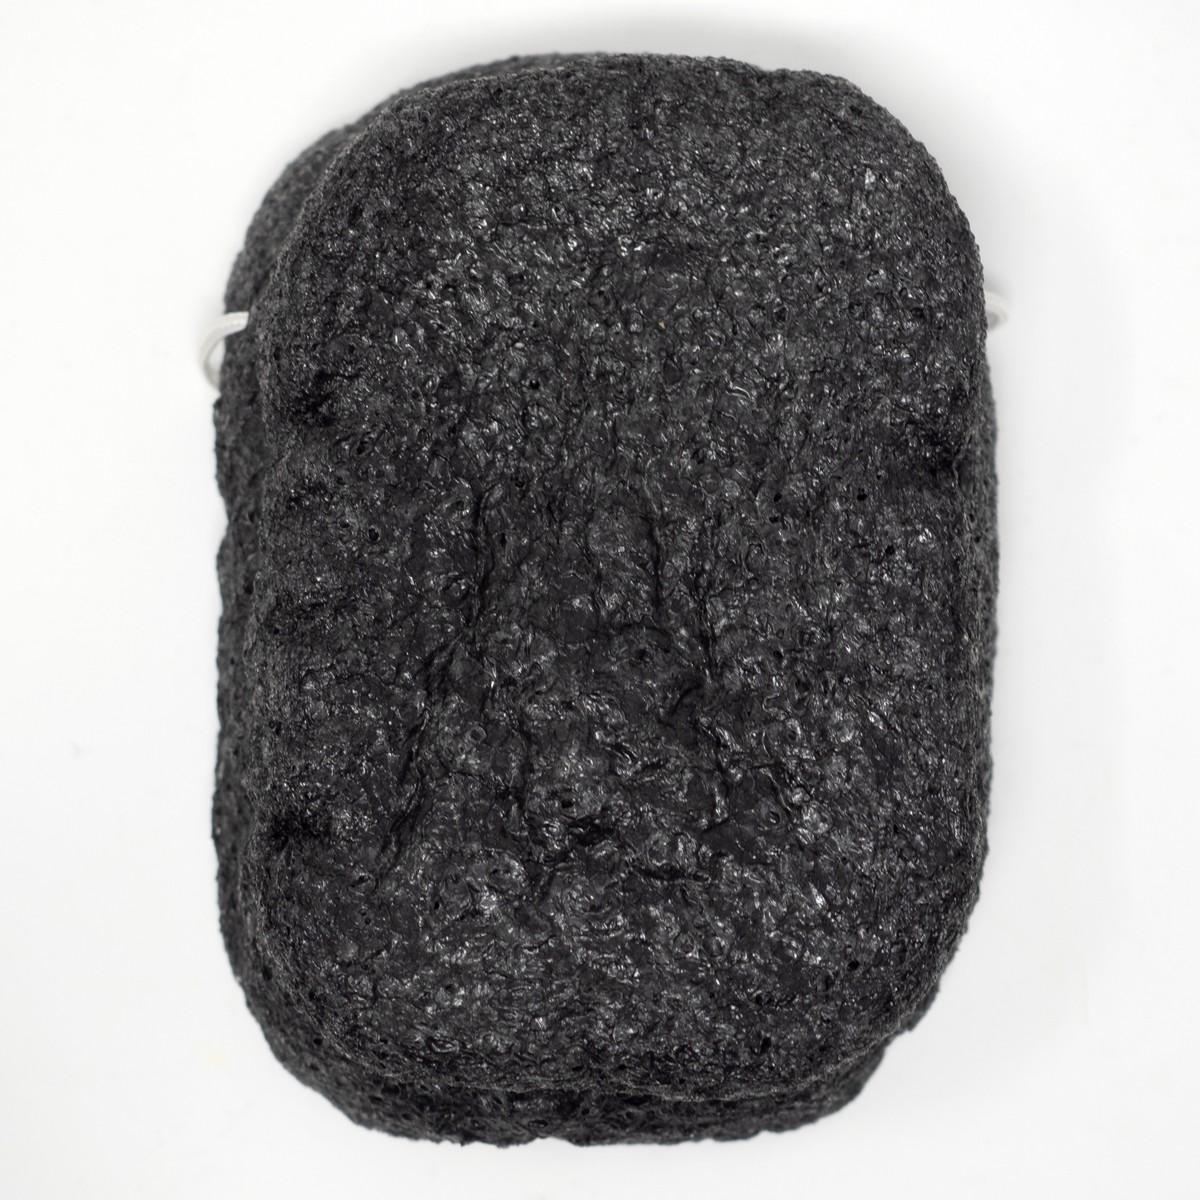 Photo of Binchotan Charcoal Facial Puff